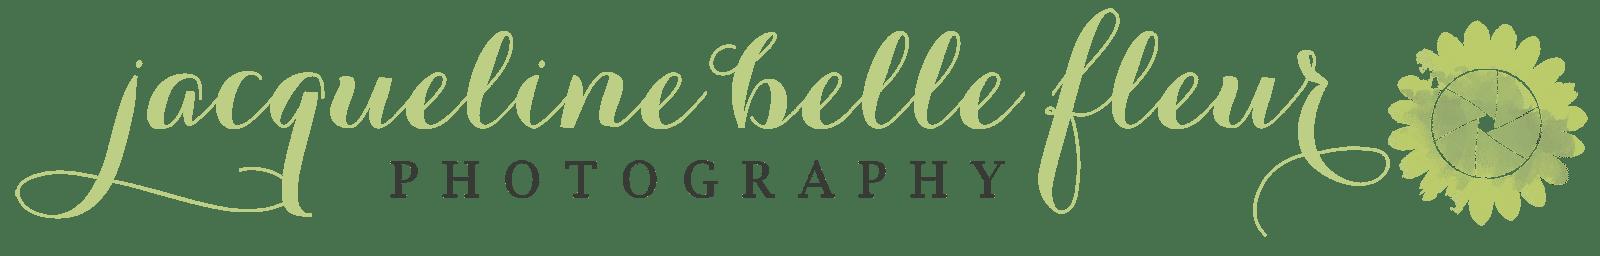 Jacqueline Belle Fleur Photography